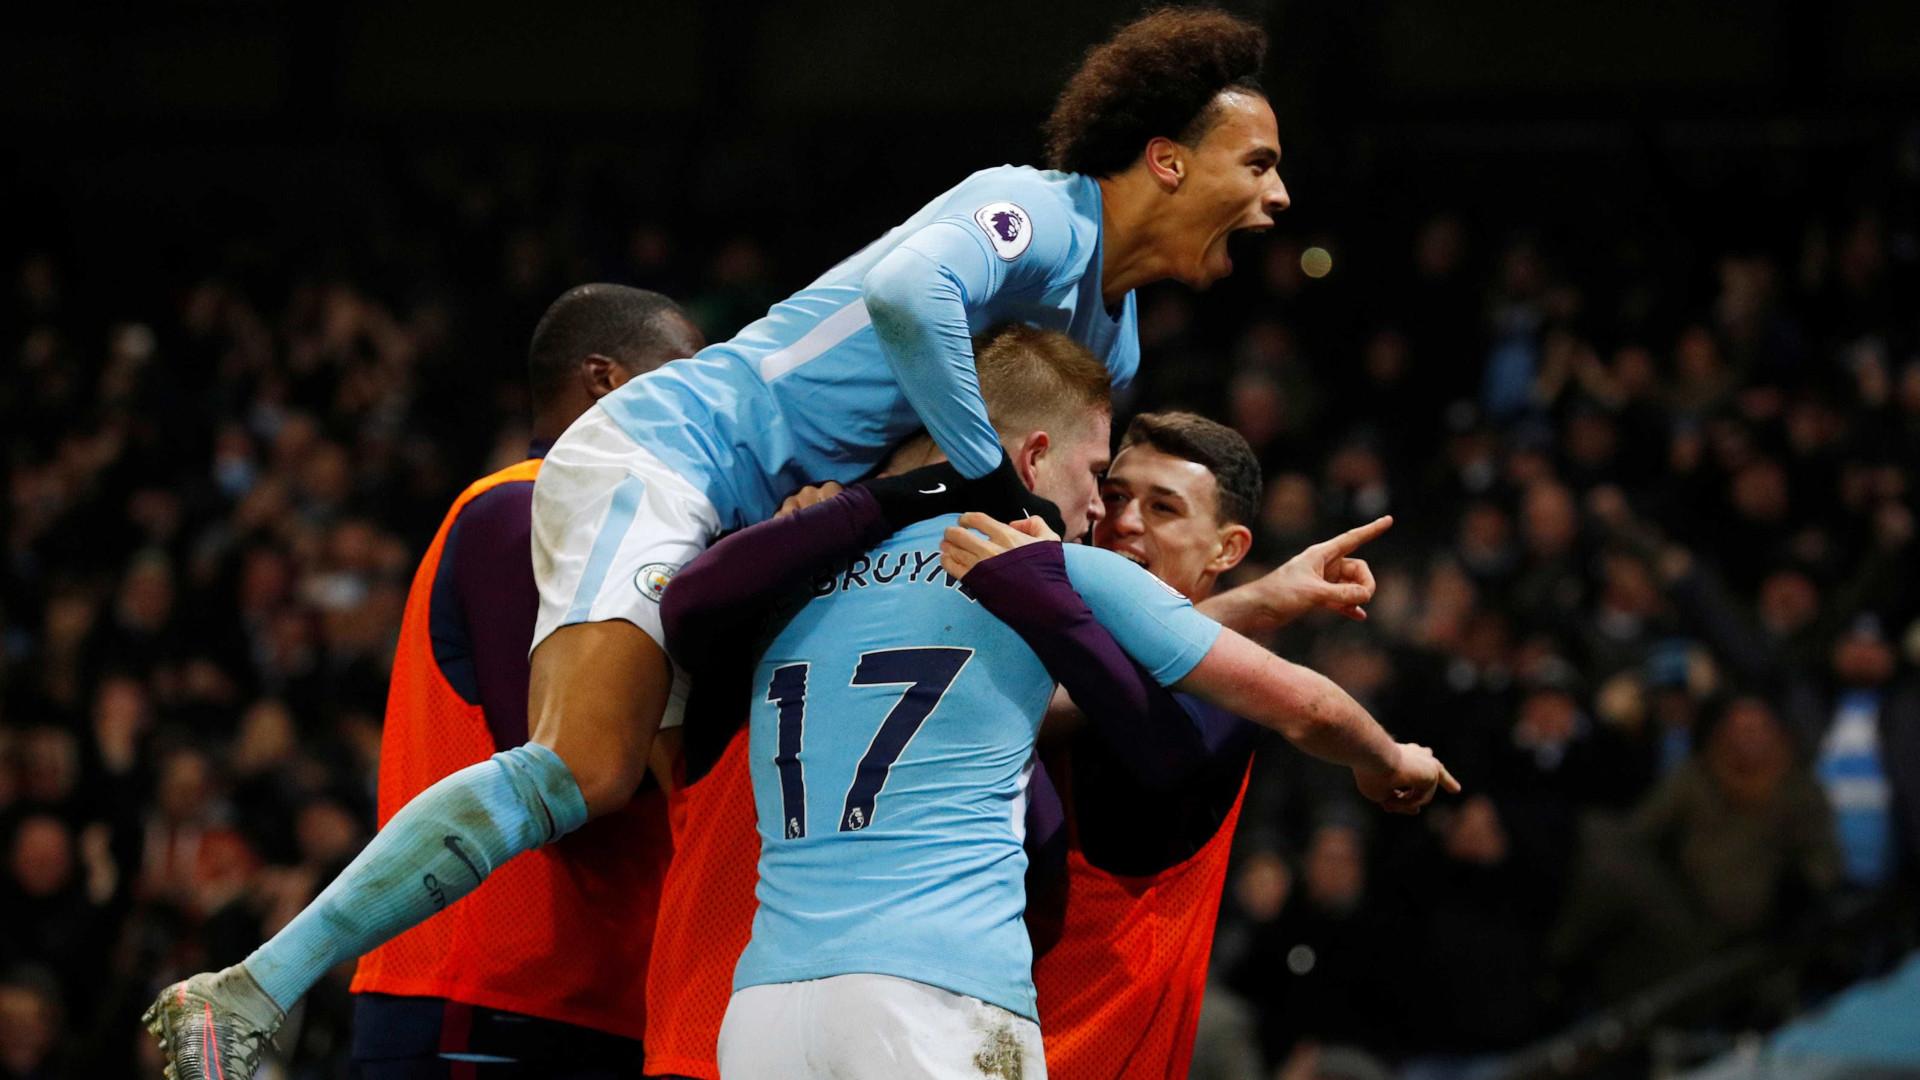 Jogadores do City festejam triunfo com 'farpa' a Mourinho e ao United